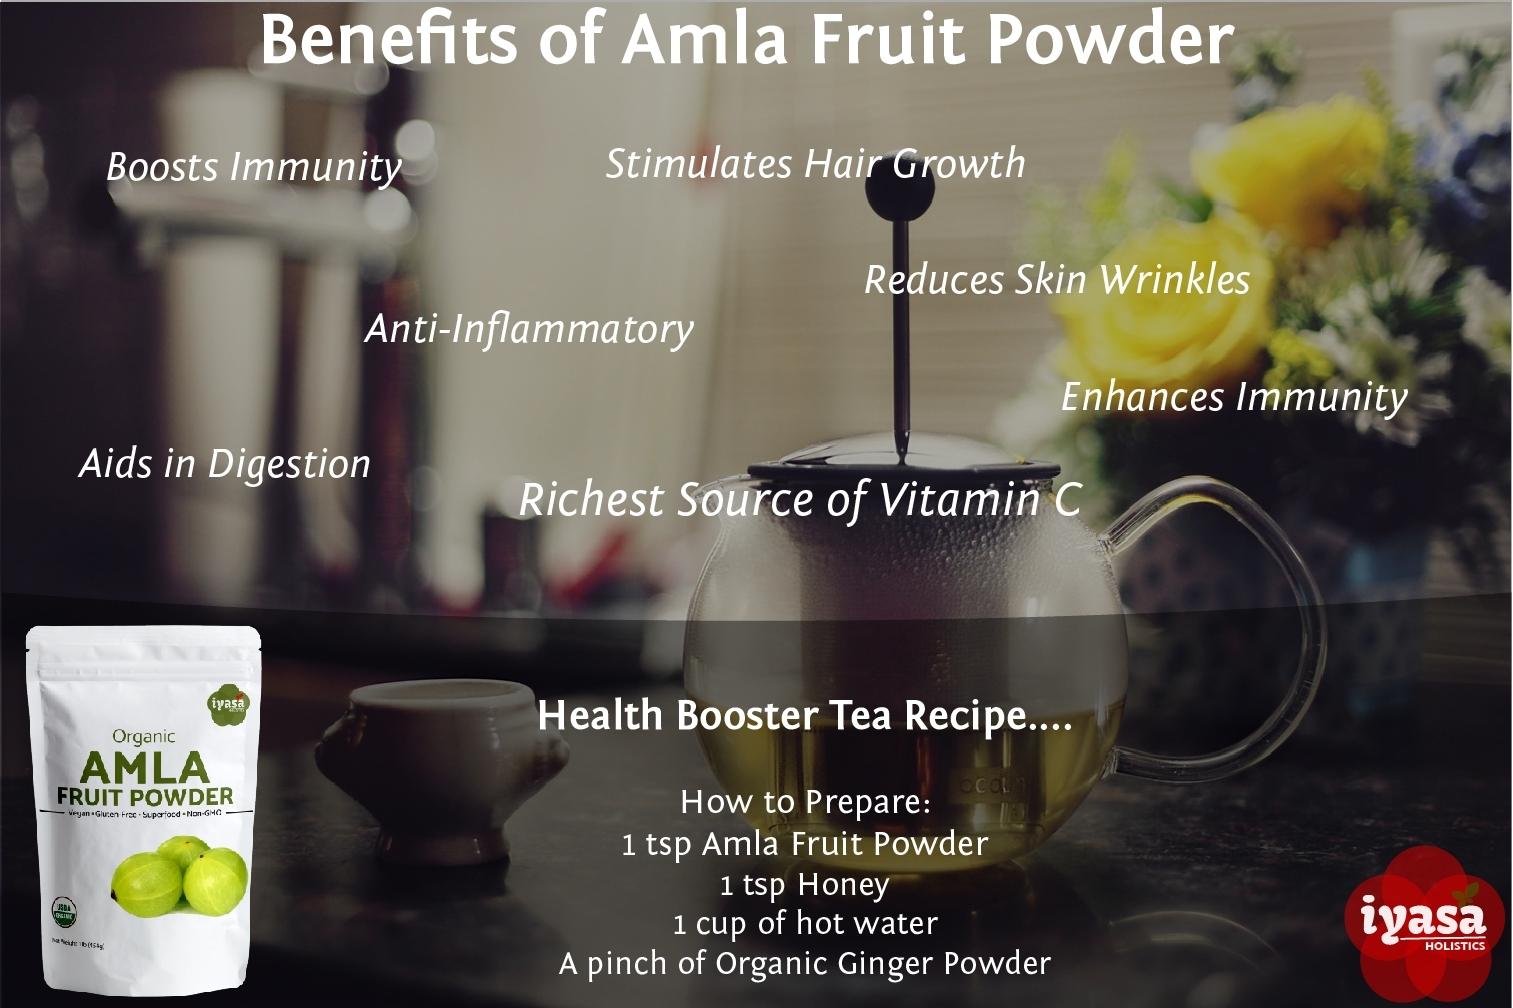 Organic Amla Fruit Powder,Amalaki Berry,Indian Gooseberry,Premium Quality,4,8 oz image 3